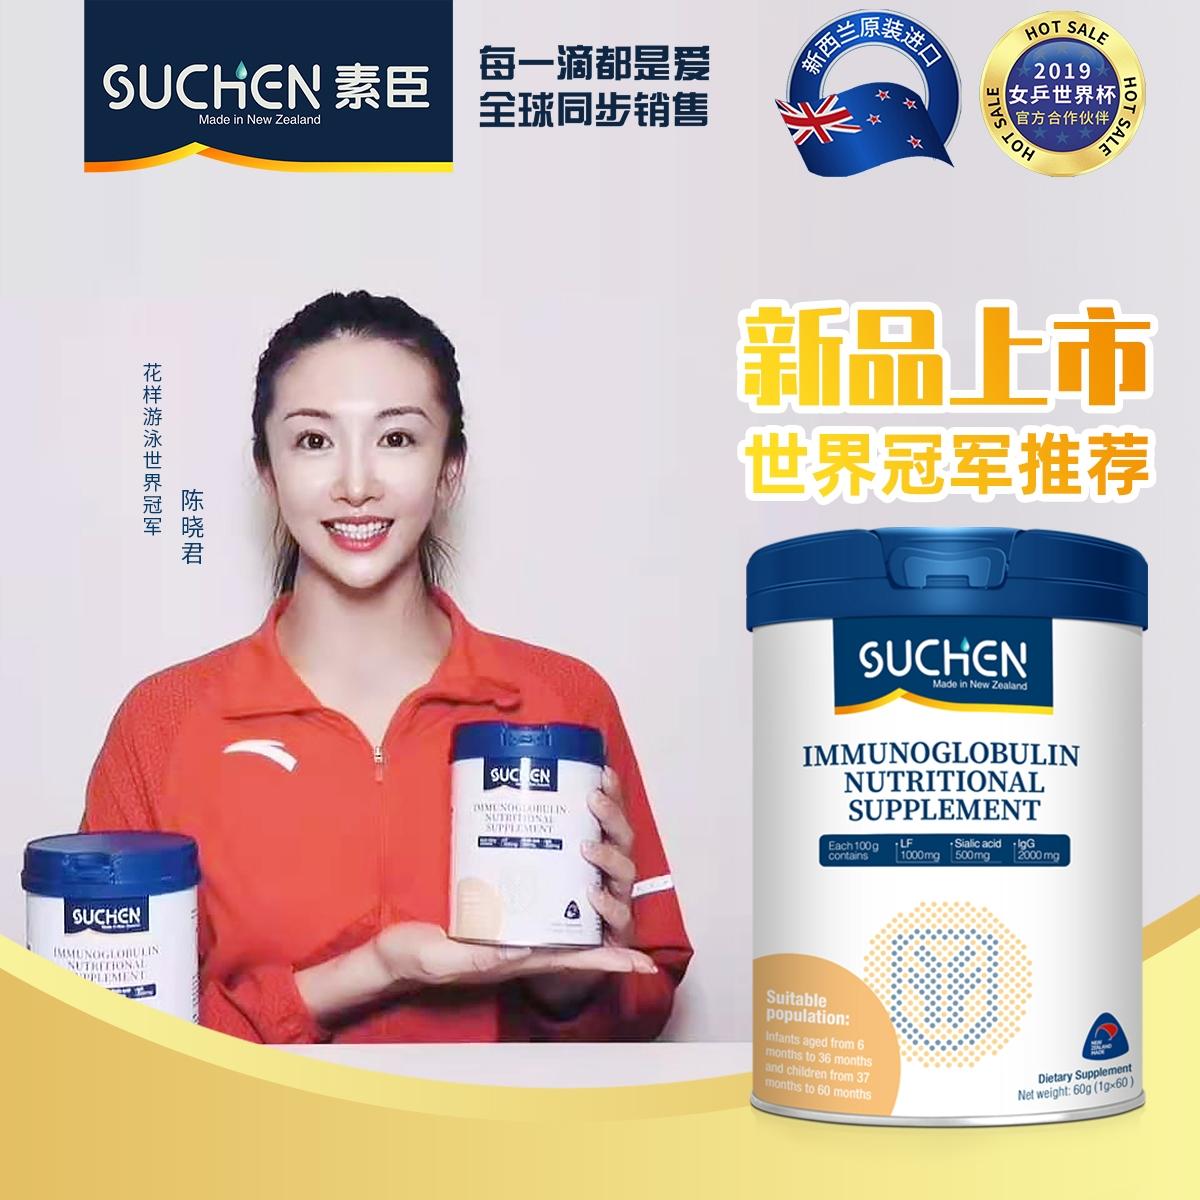 SUCHEN素臣免疫球蛋白